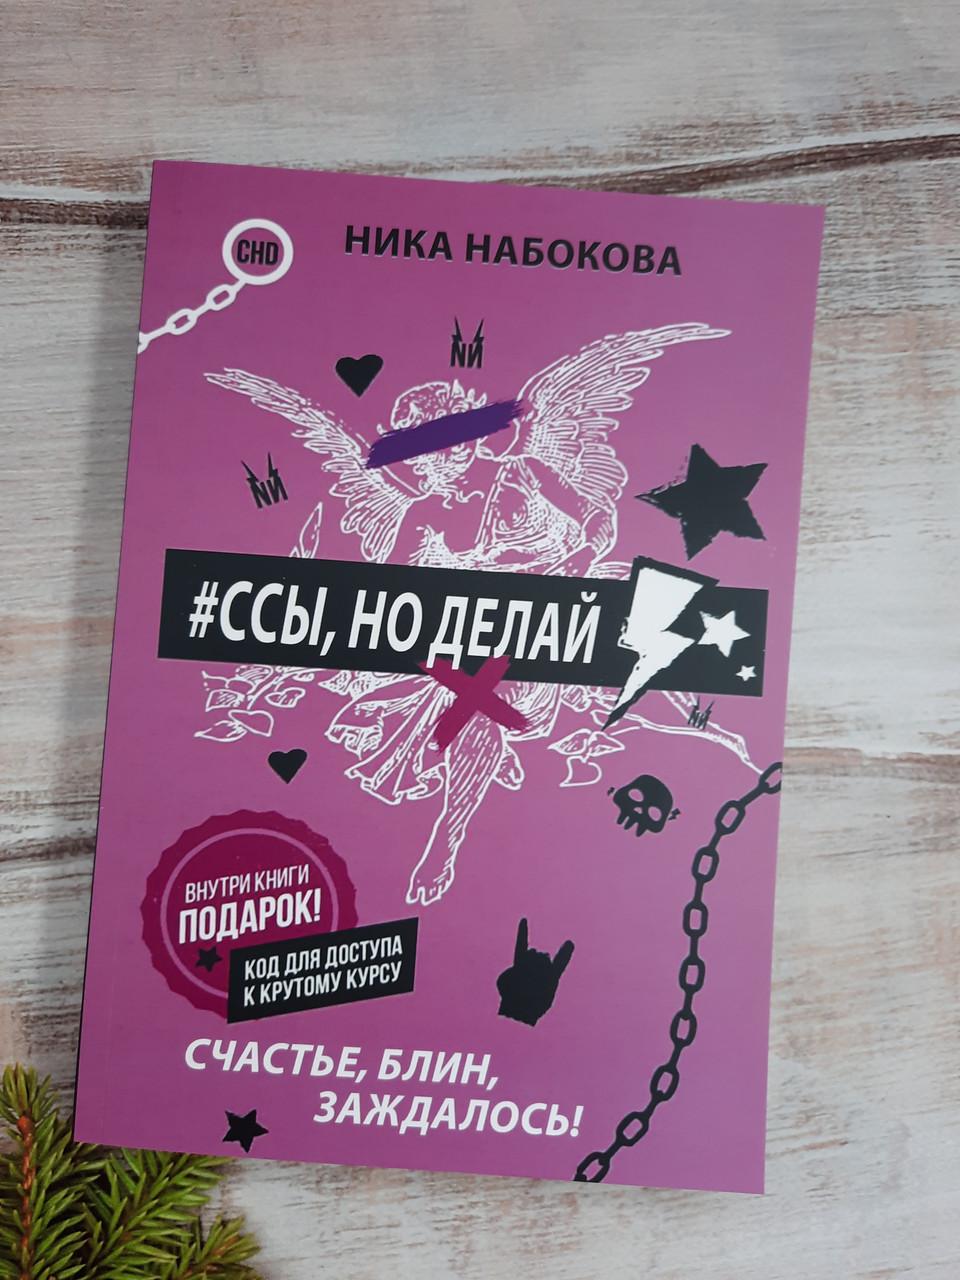 Набокова #Сси, але роби. Щастя, блін, зачекалося!